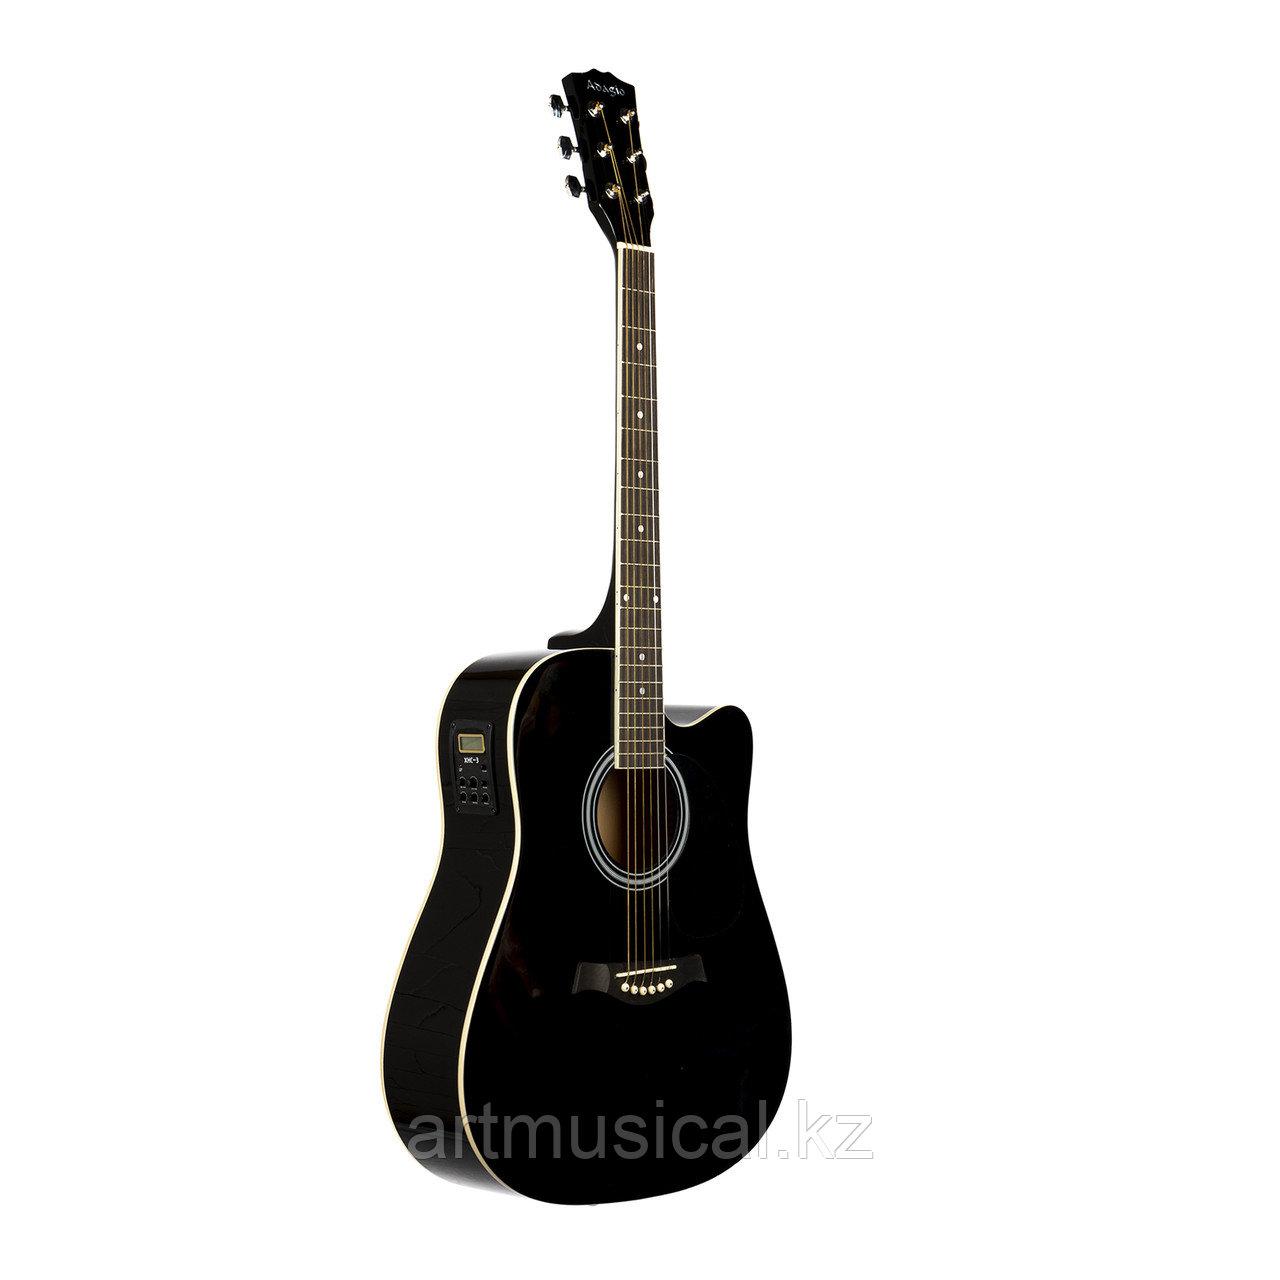 Гитара ADAGIO 4171CE BK